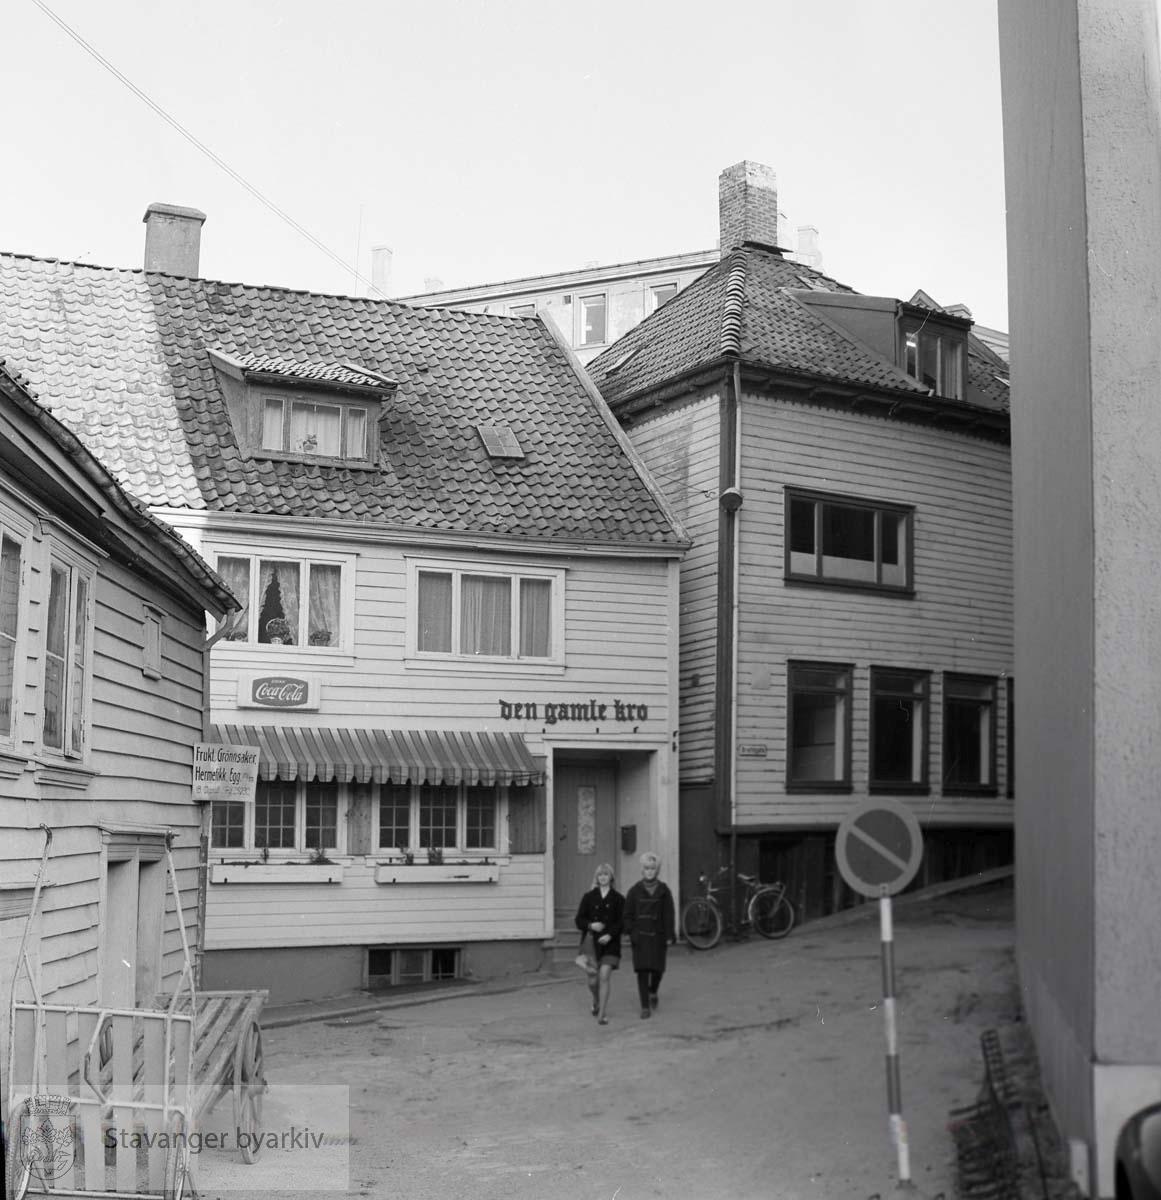 Brattegaten 4 og 6 midt i bildet. Til venstre Torget 3, til høyre litt av H. Lüterath slakterforretning i Torget 1.